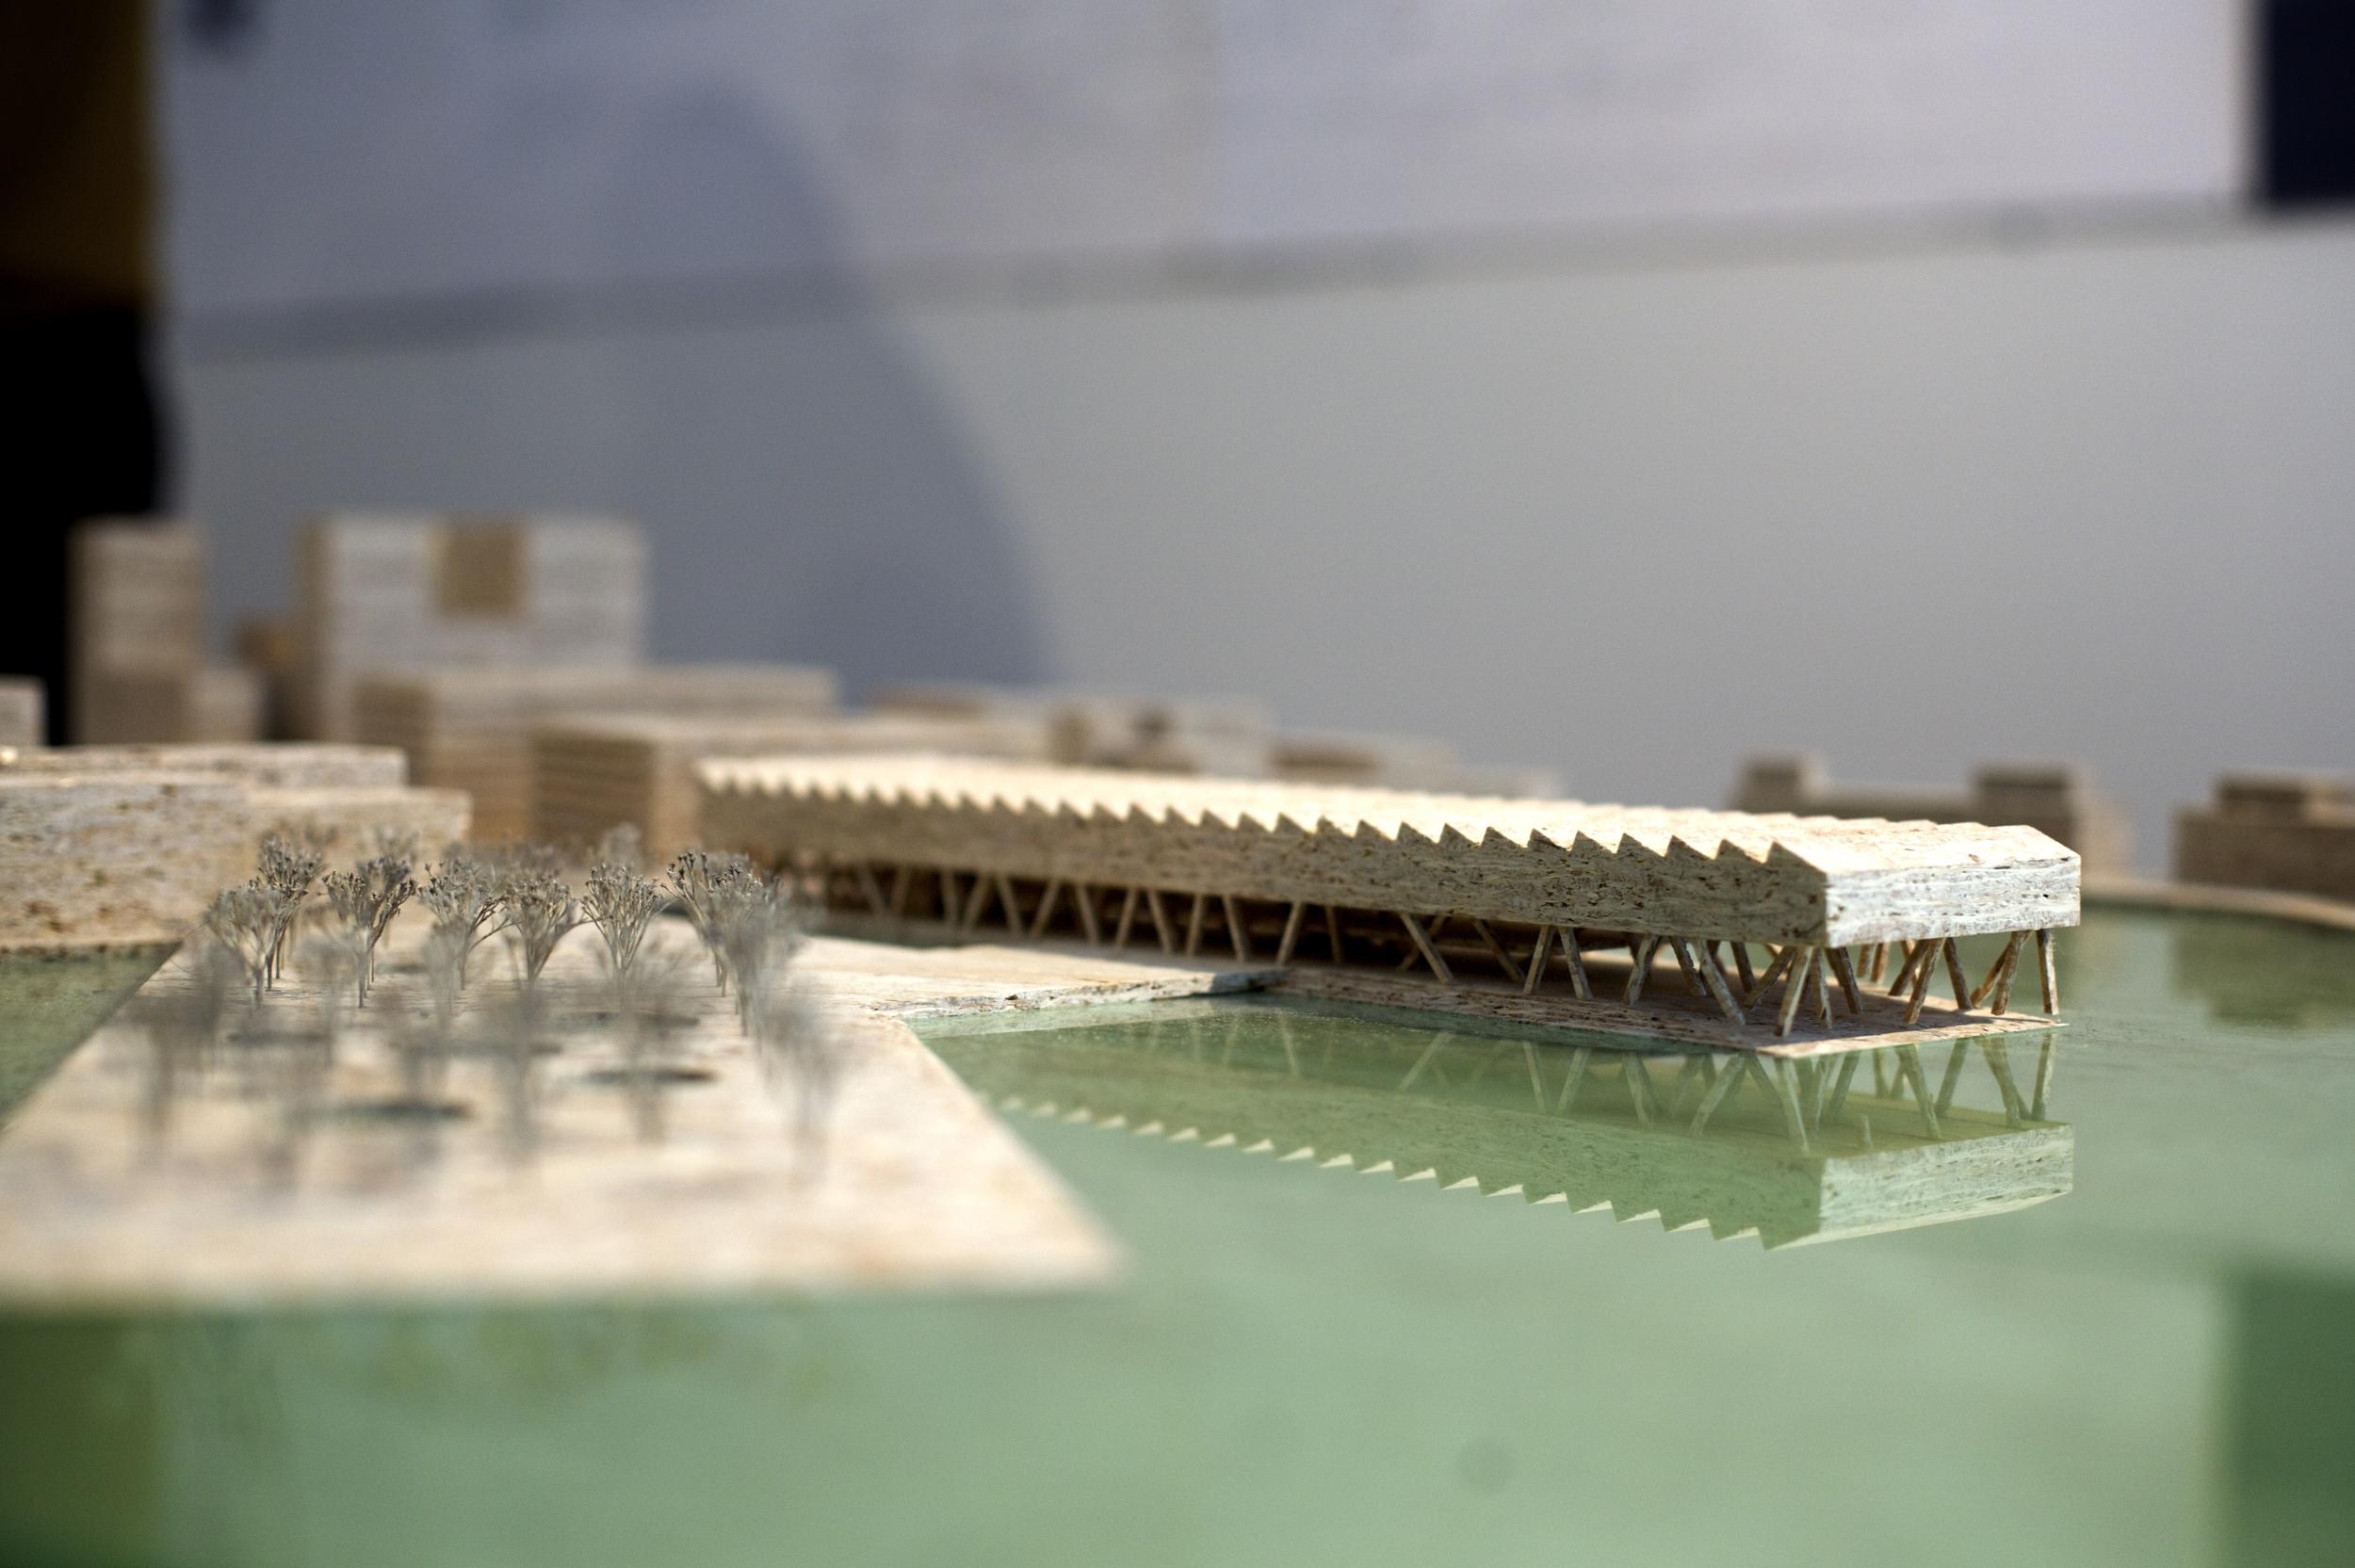 modellbilde av museet og parken.jpg